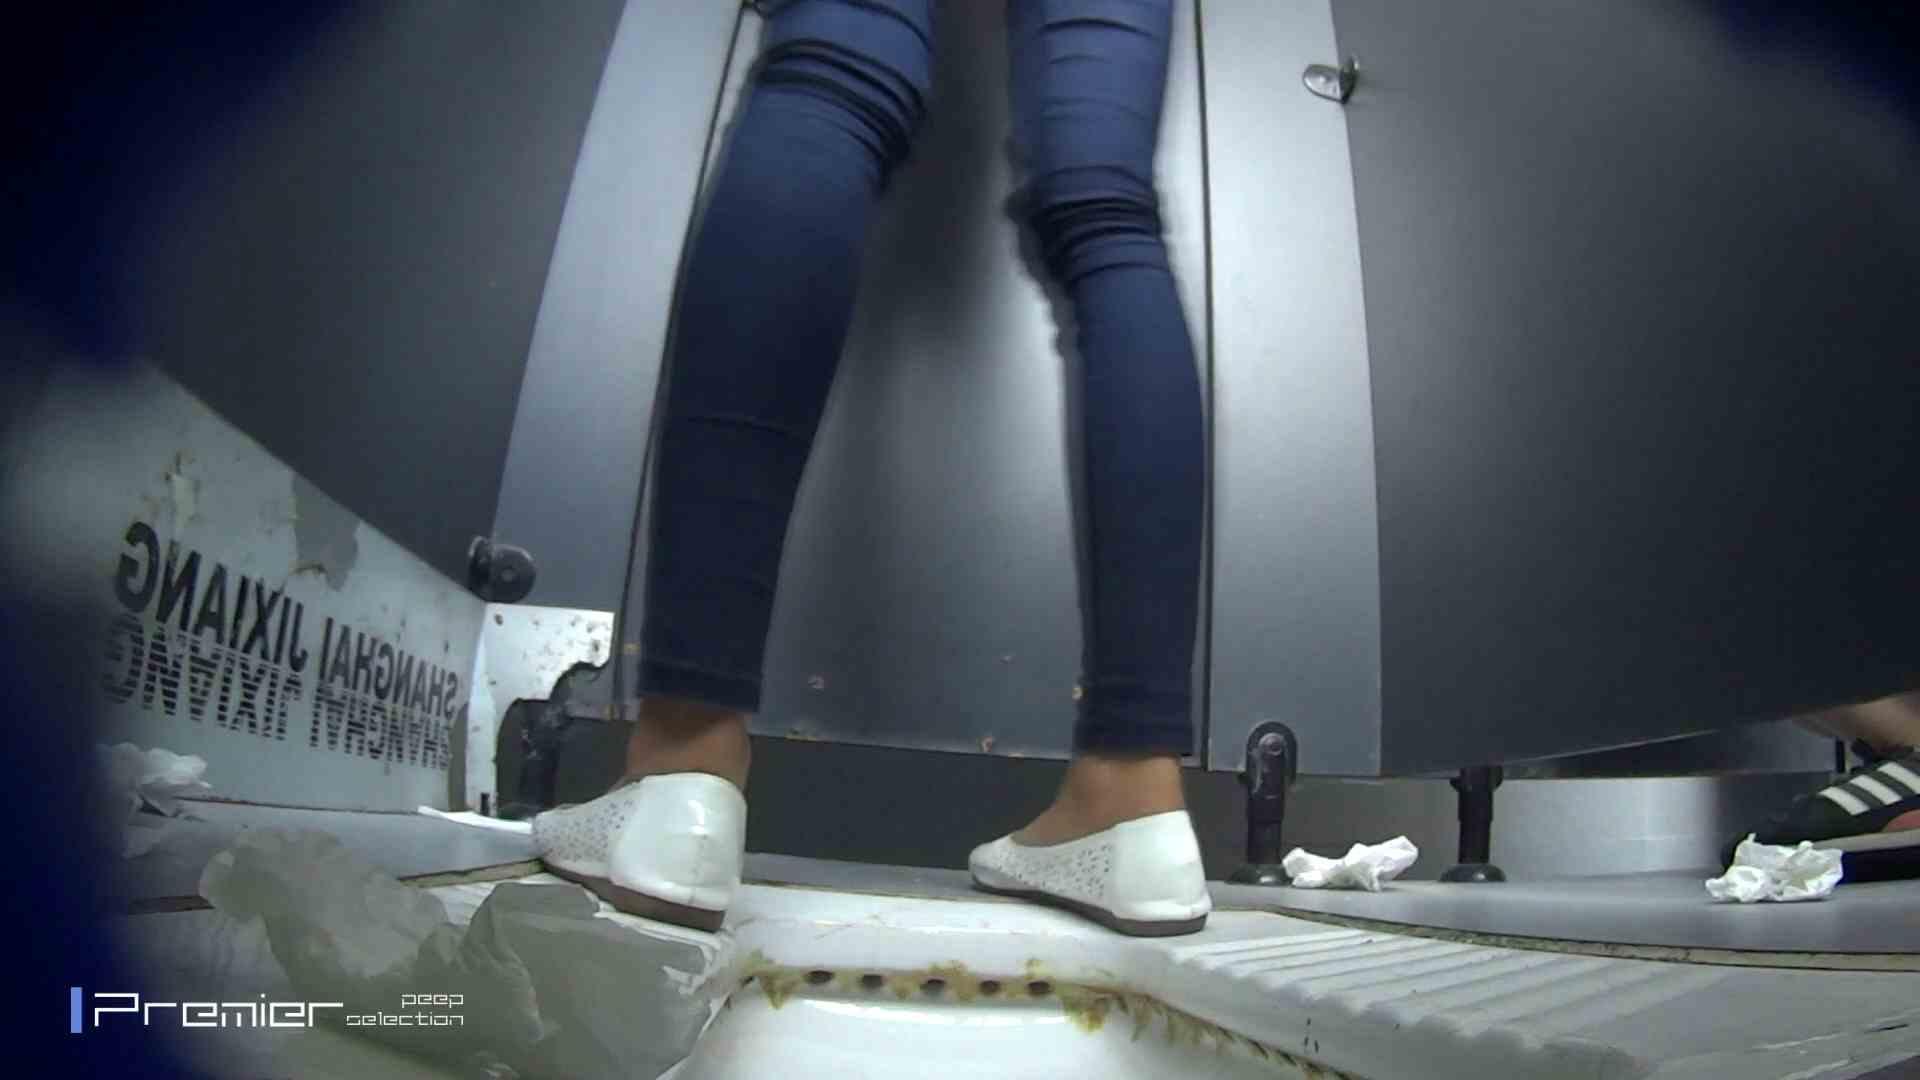 スキニージーンズの美女 大学休憩時間の洗面所事情56 盗撮映像  94Pix 36